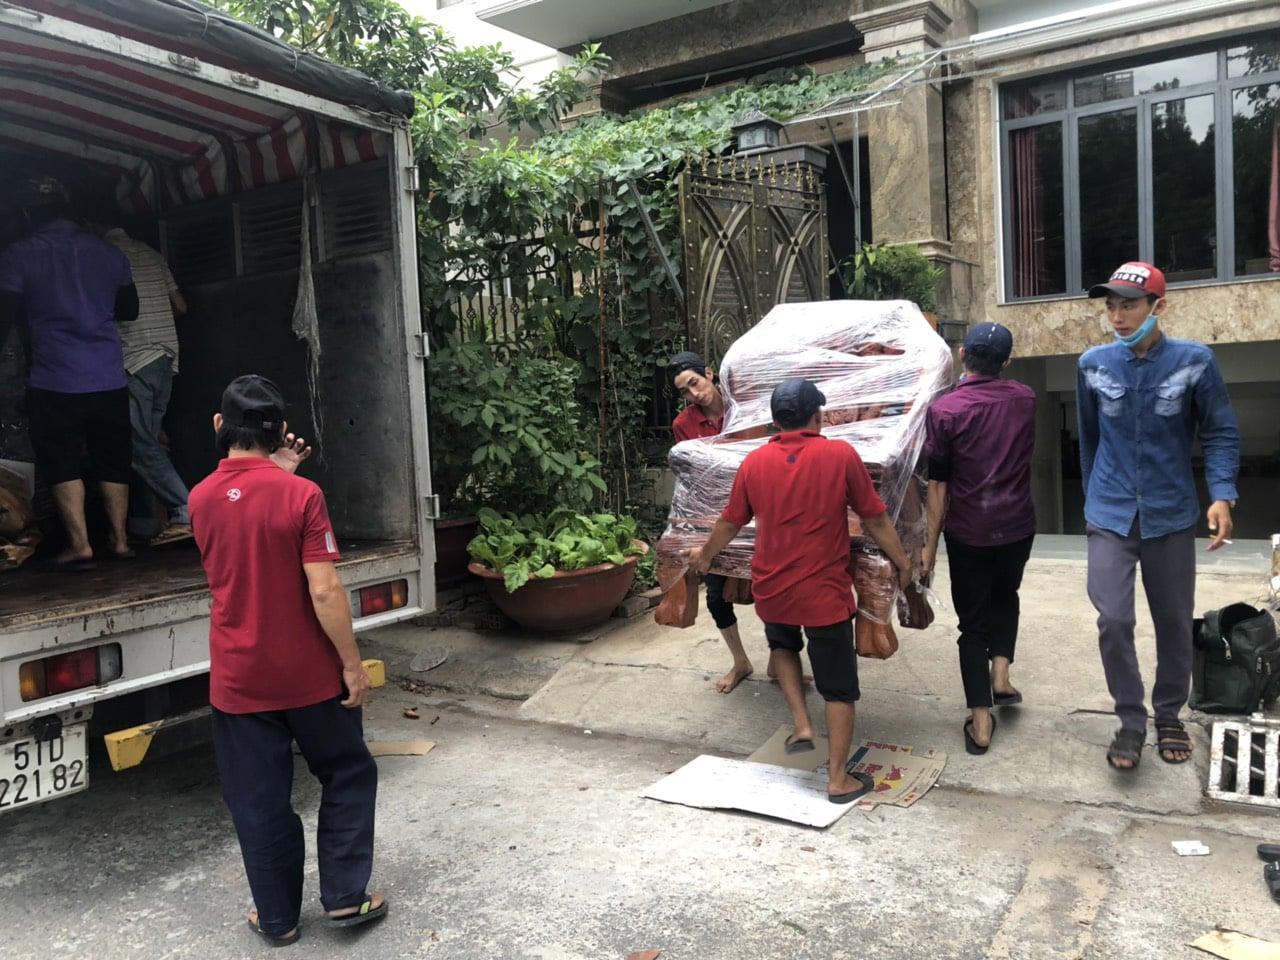 Taxi Tải 24H - Đơn vị chuyển nhà uy tín, chất lượng tại Vũng Tàu